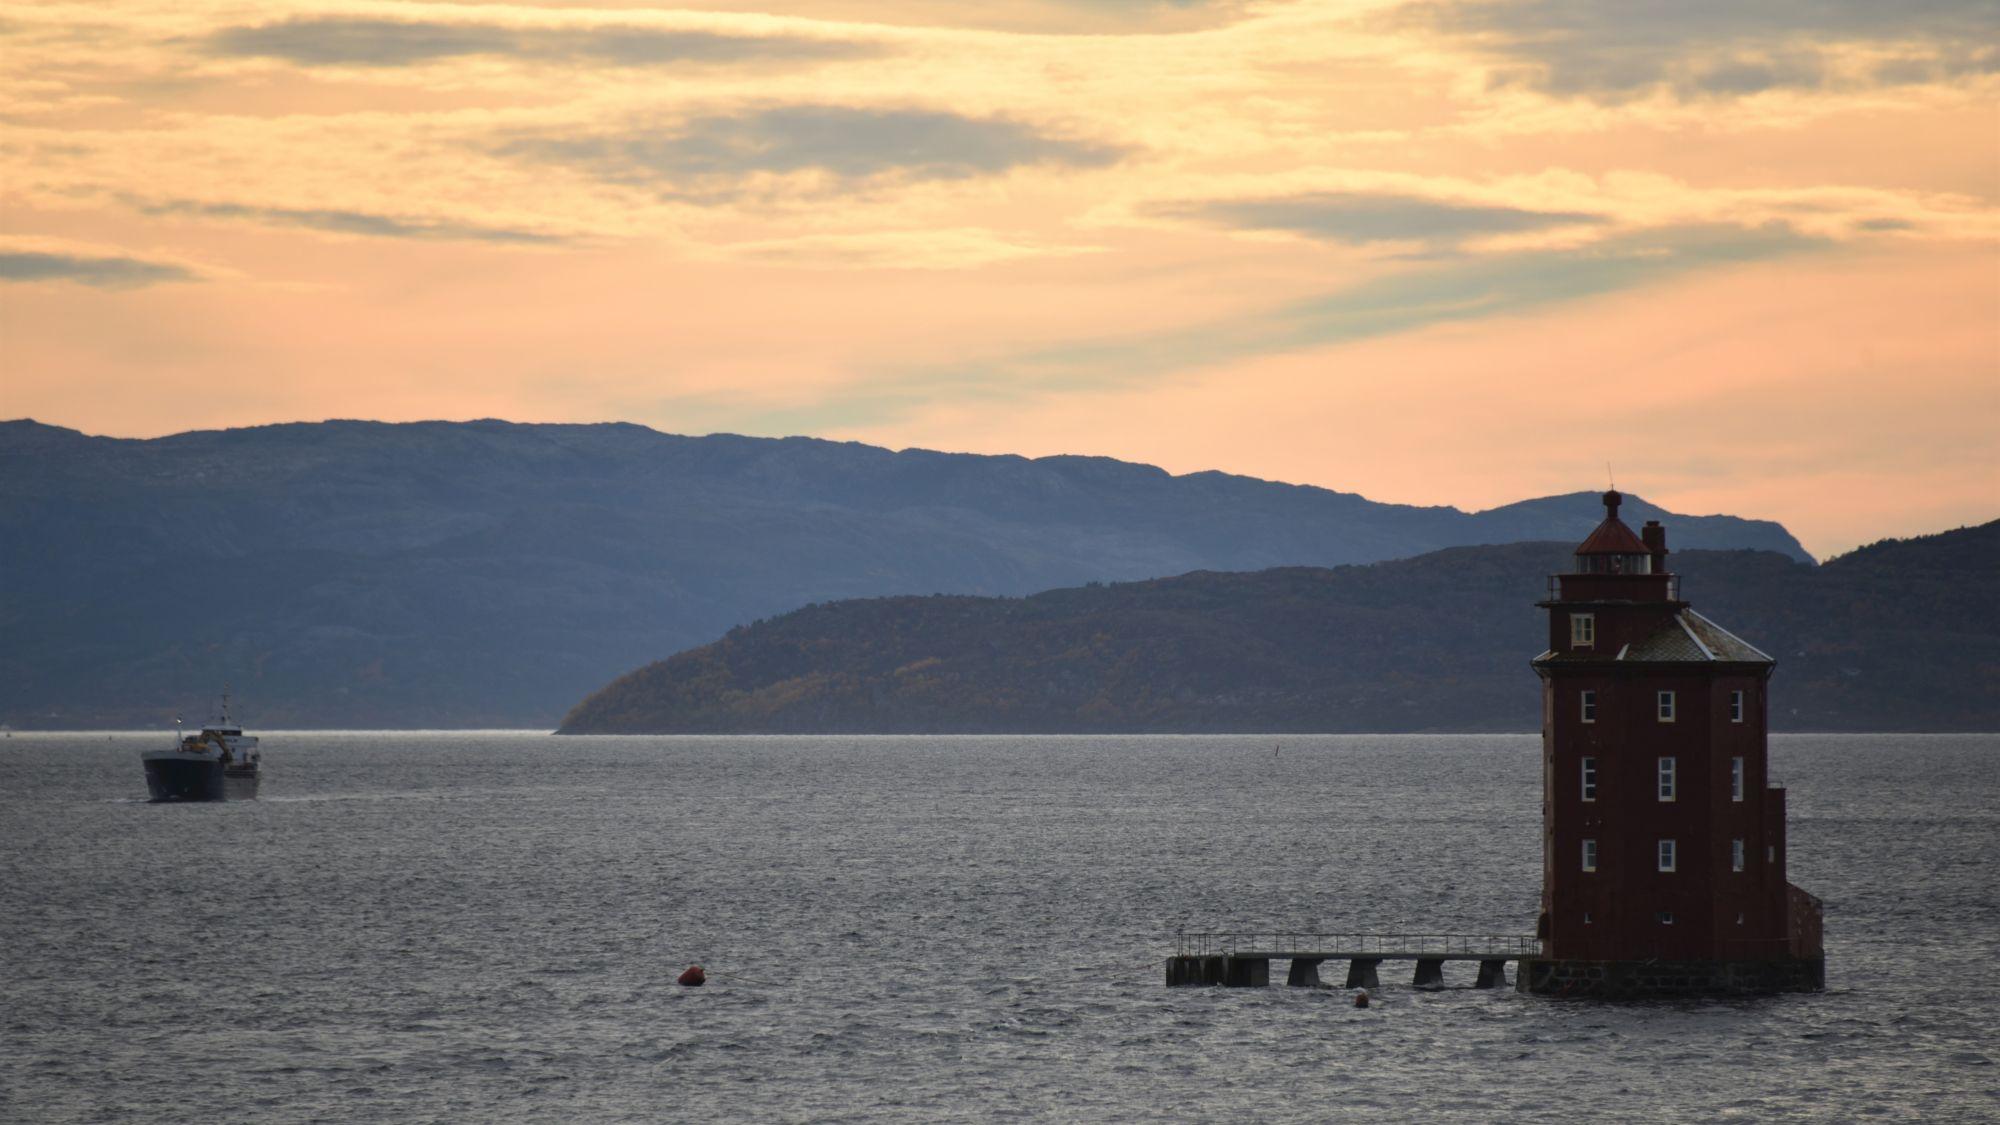 Leuchtturm im Wasser